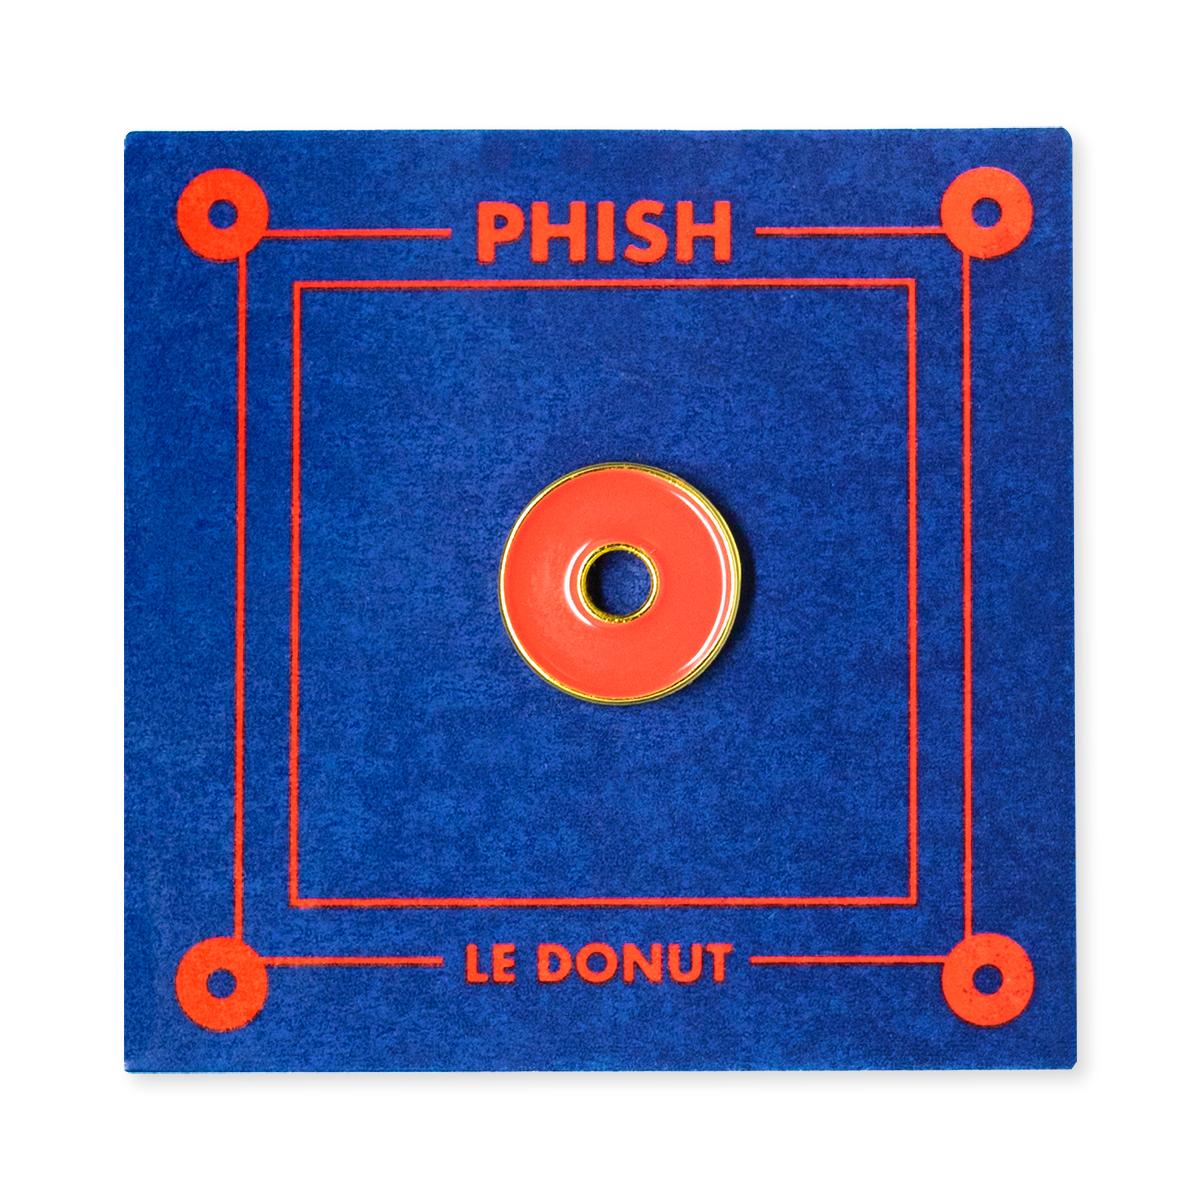 Fishman Donut Enamel Pin